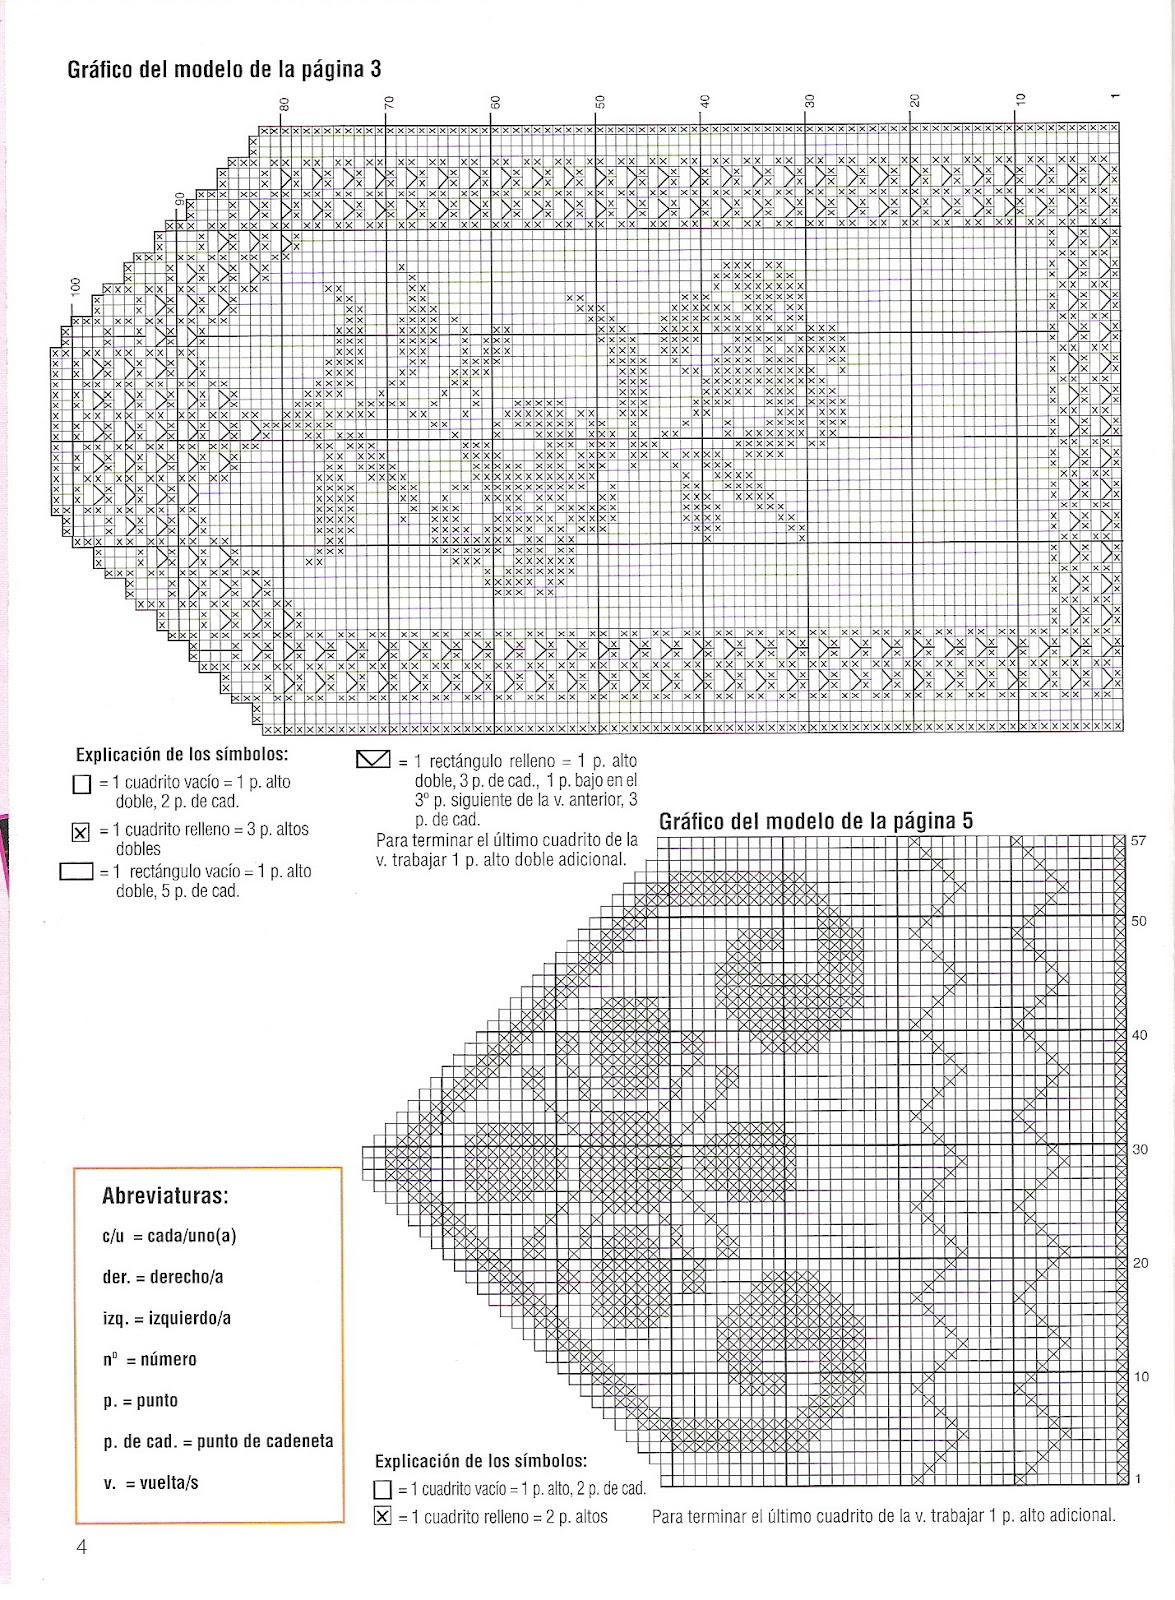 Занавески крючком: схемы вязания штор, подхваты, шторы для 1